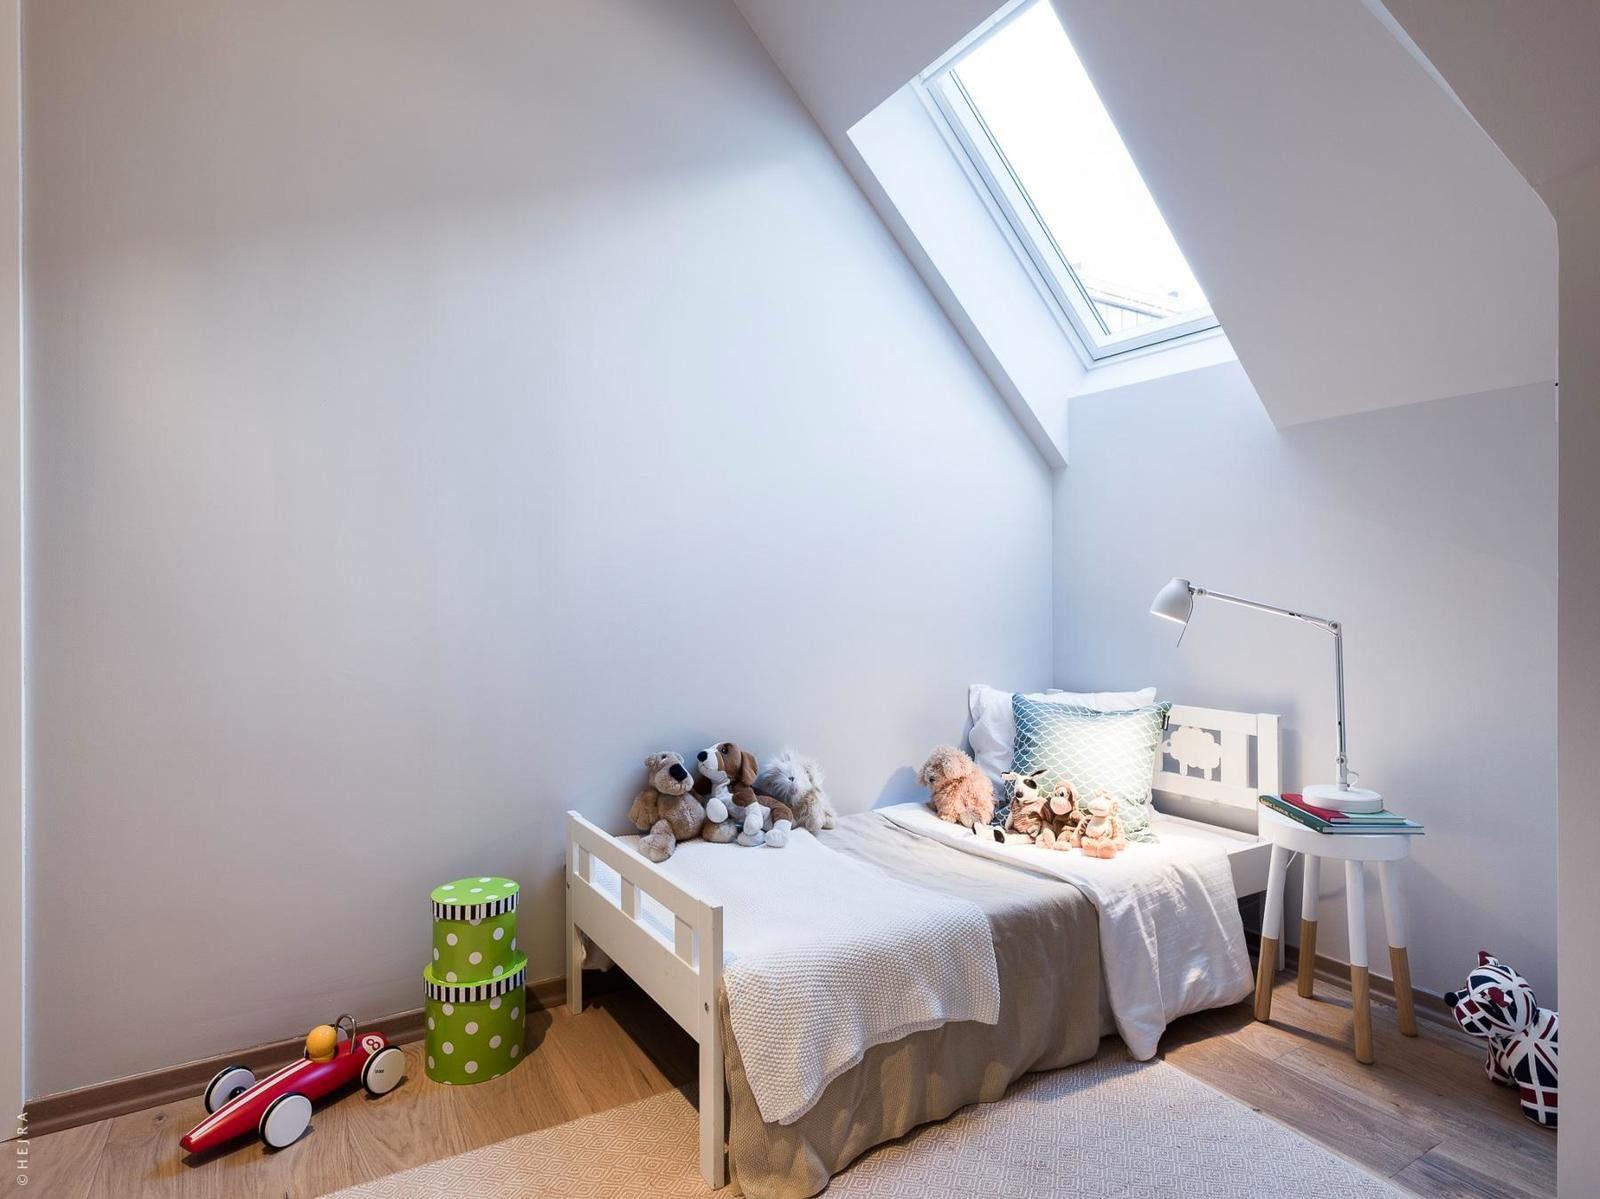 Exquisite scandinavian apartment interiors idesignarch interior - Photography